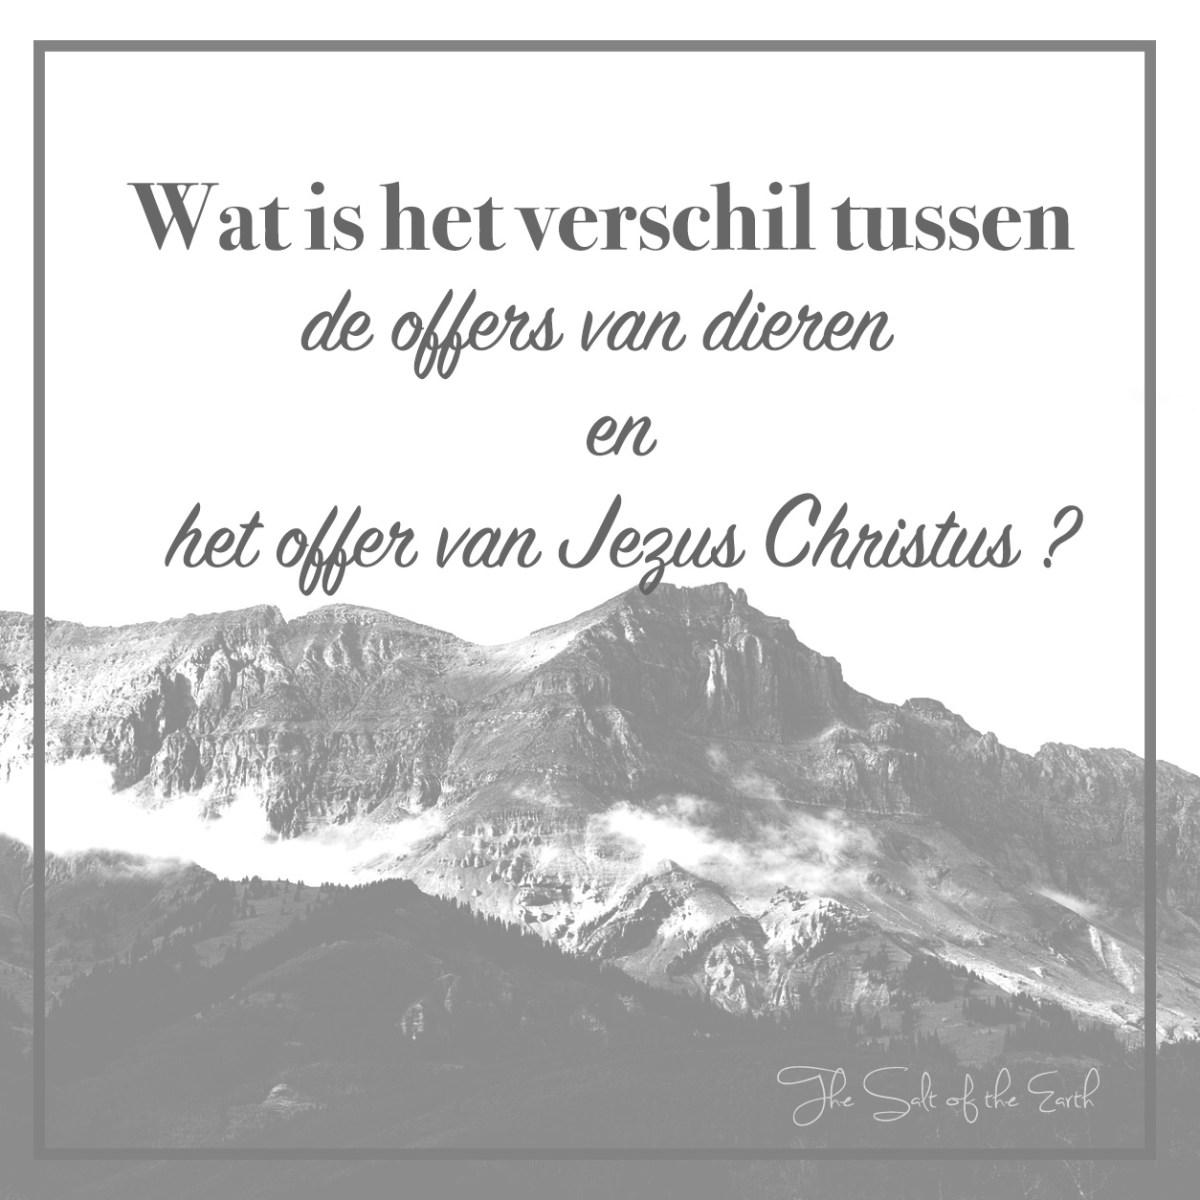 Wat is het verschil tussen de offers van dieren en het offer van Jezus Christus?